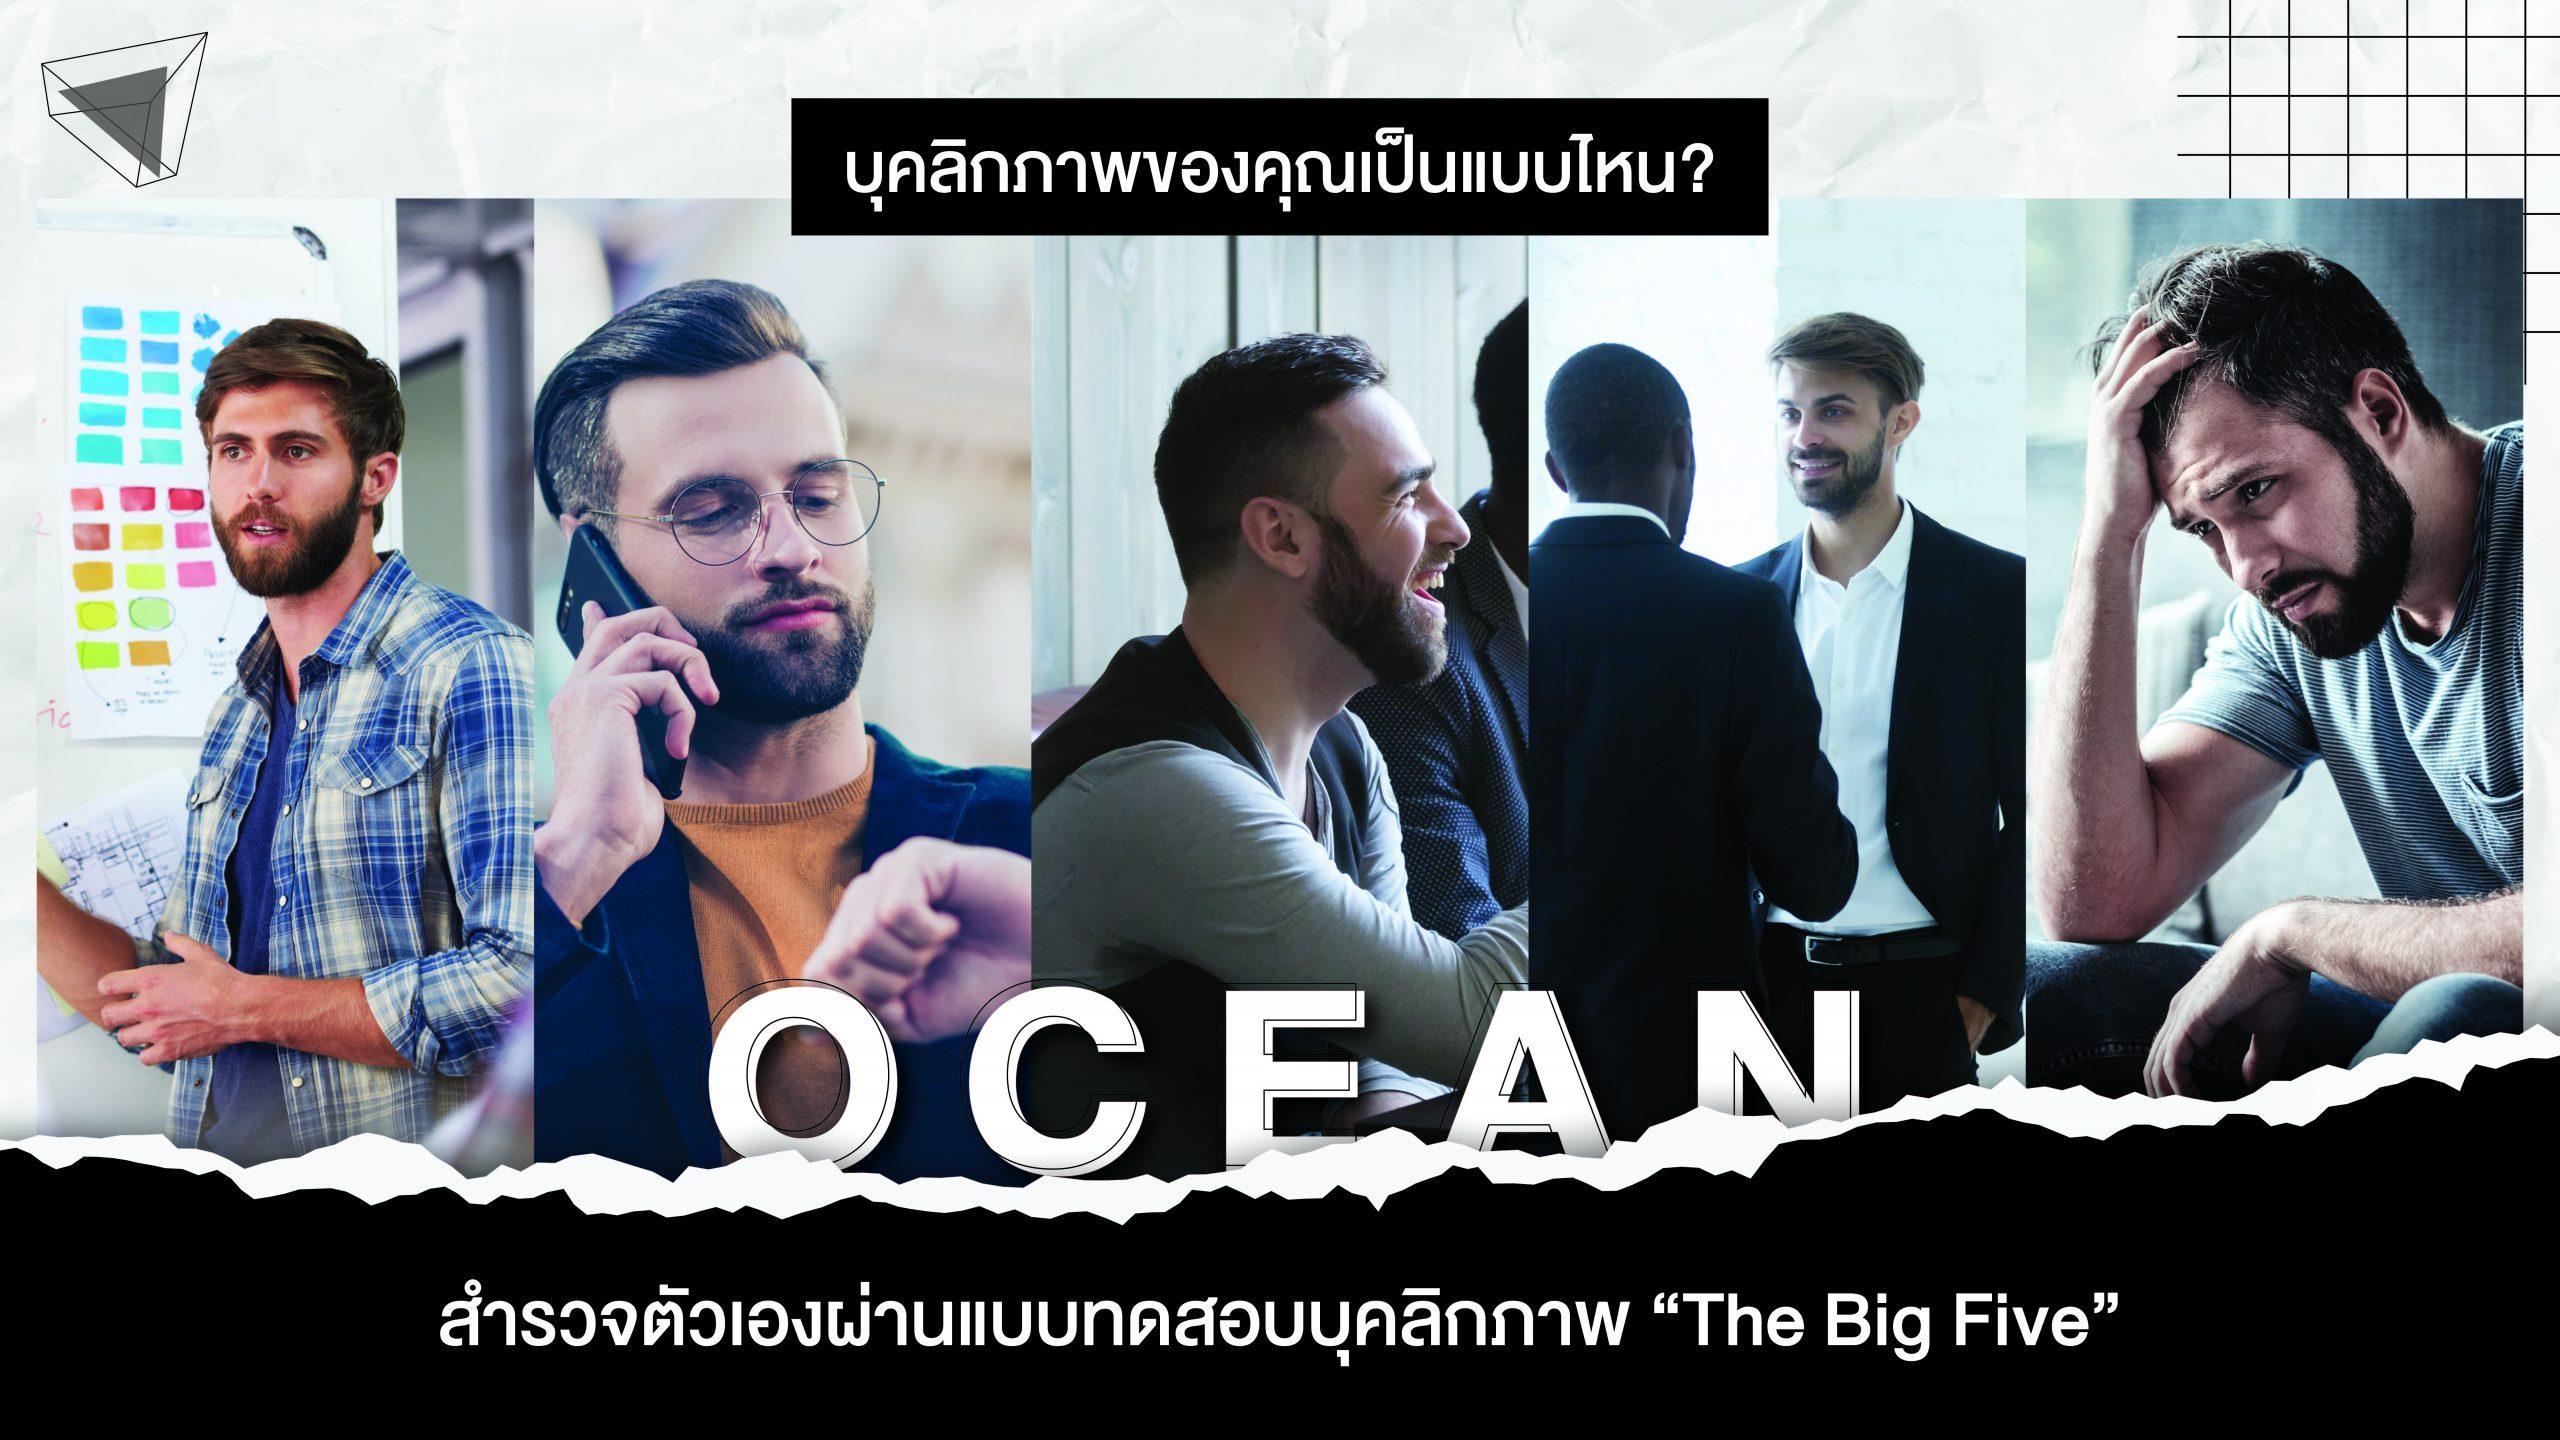 แบบทดสอบบุคลิกภาพ The Big Five OCEAN